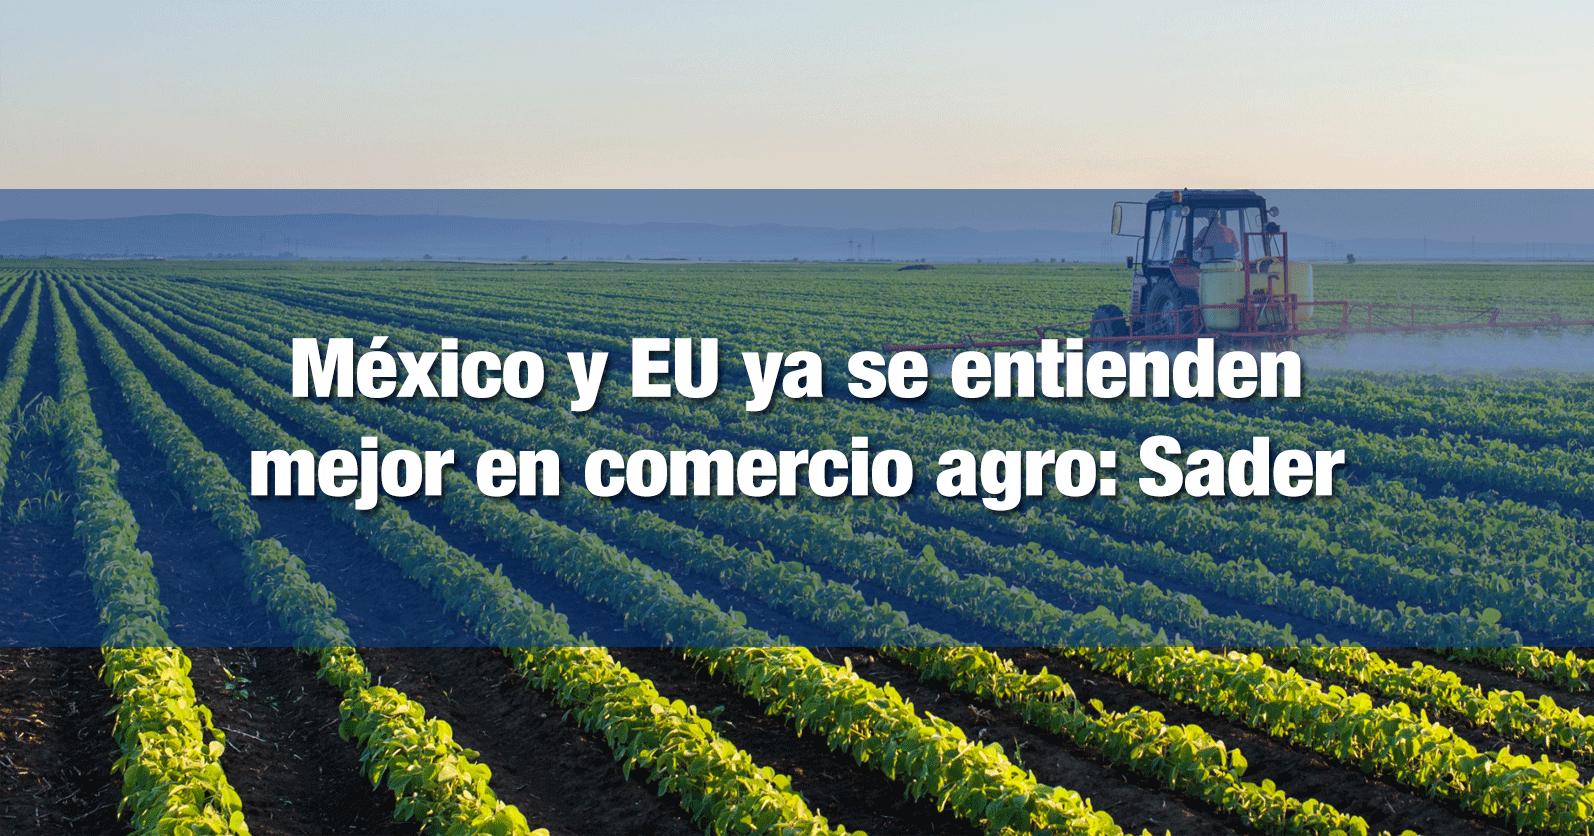 México y EU ya se entienden mejor en comercio agro: Sader